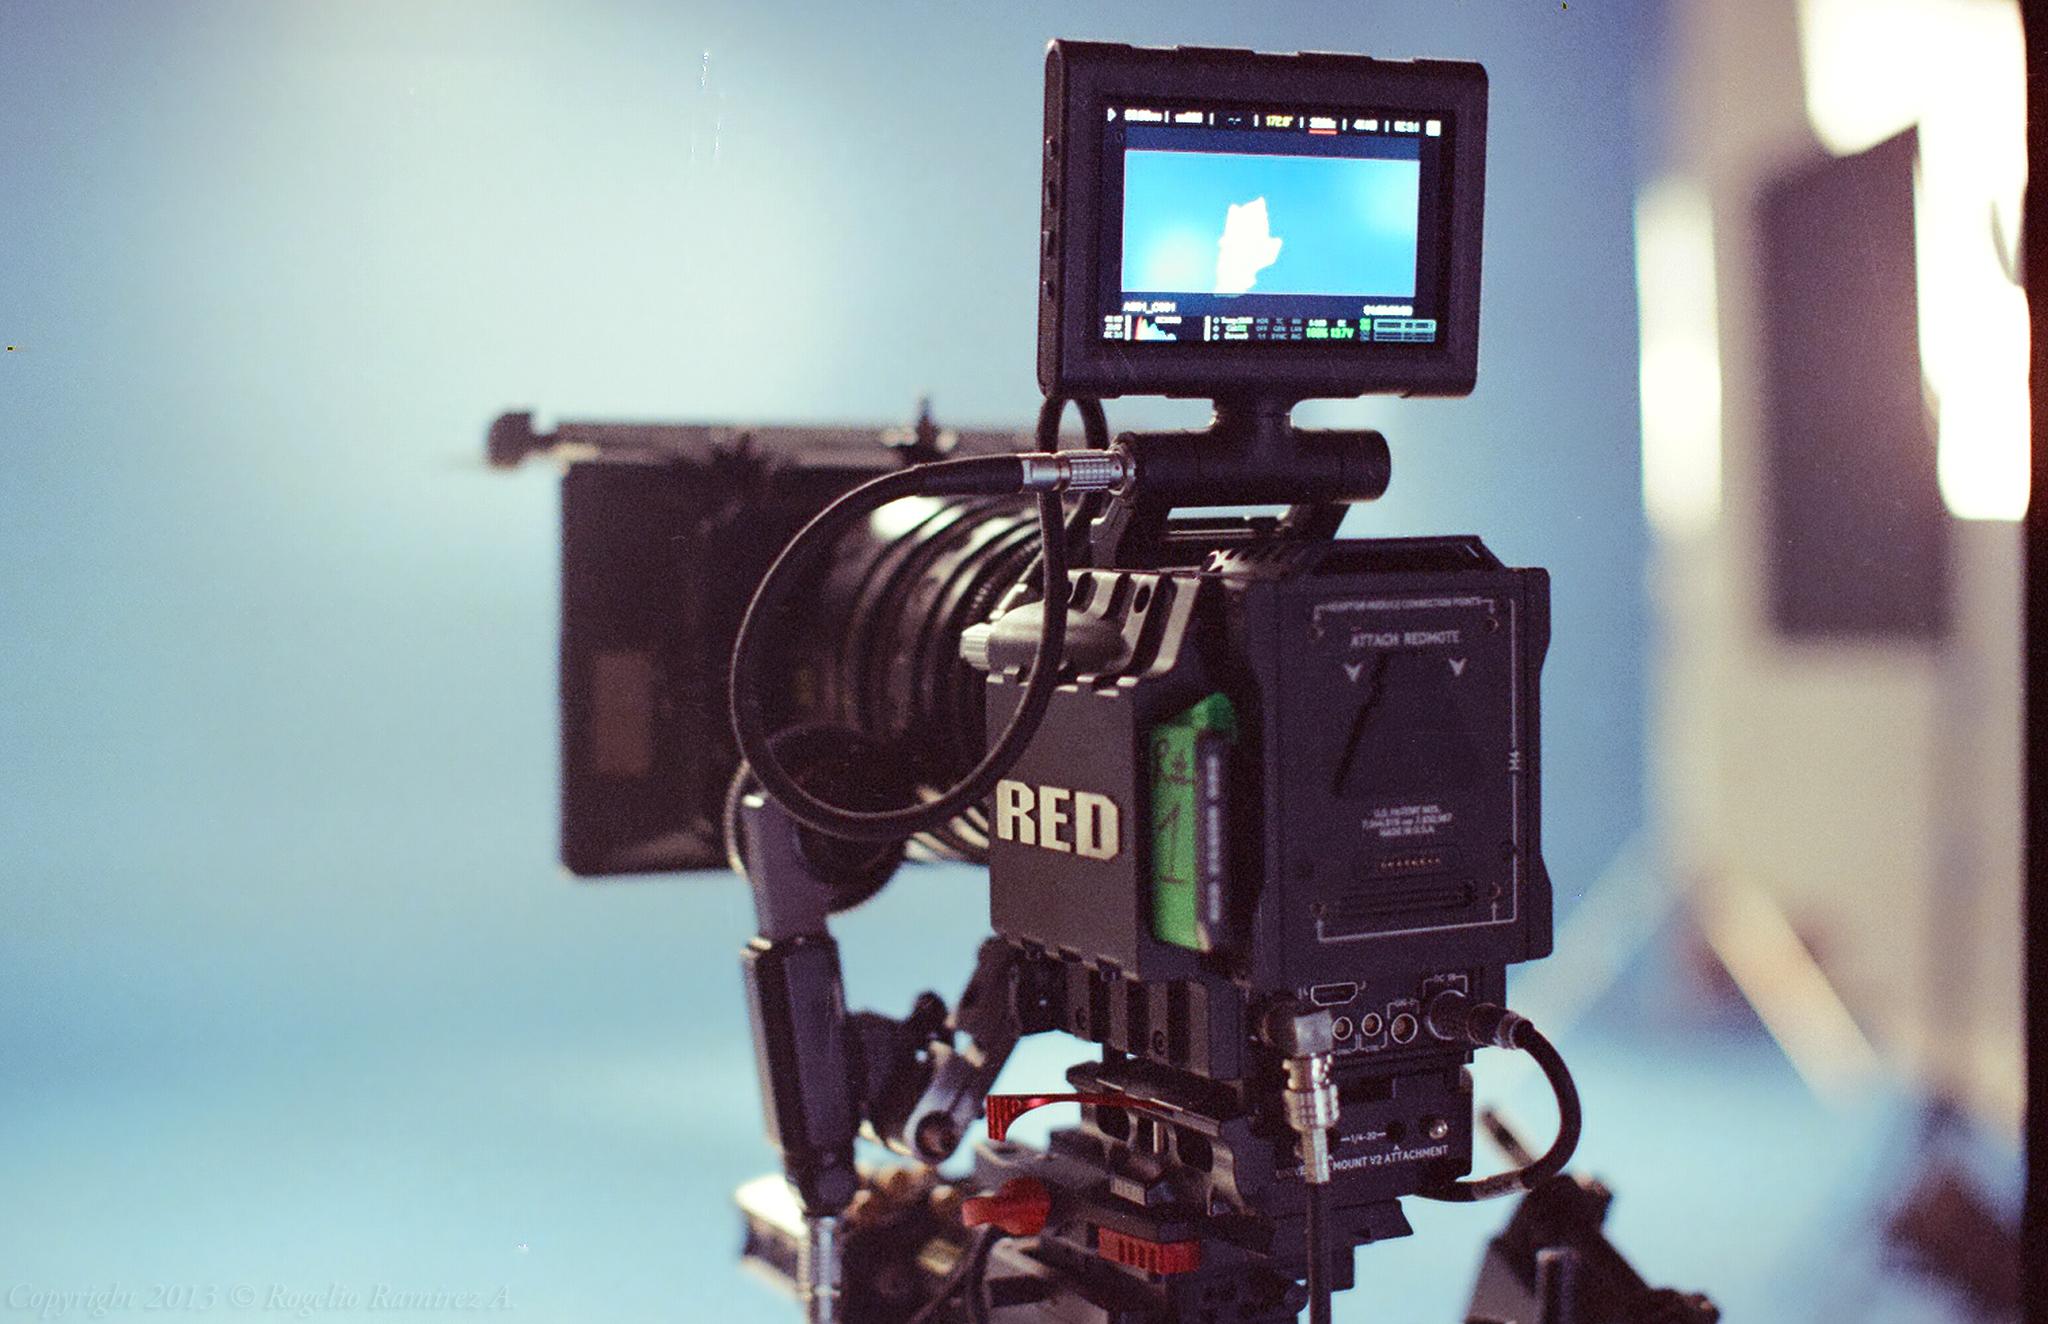 تصوير, سينما, فن, رسوم متحركة